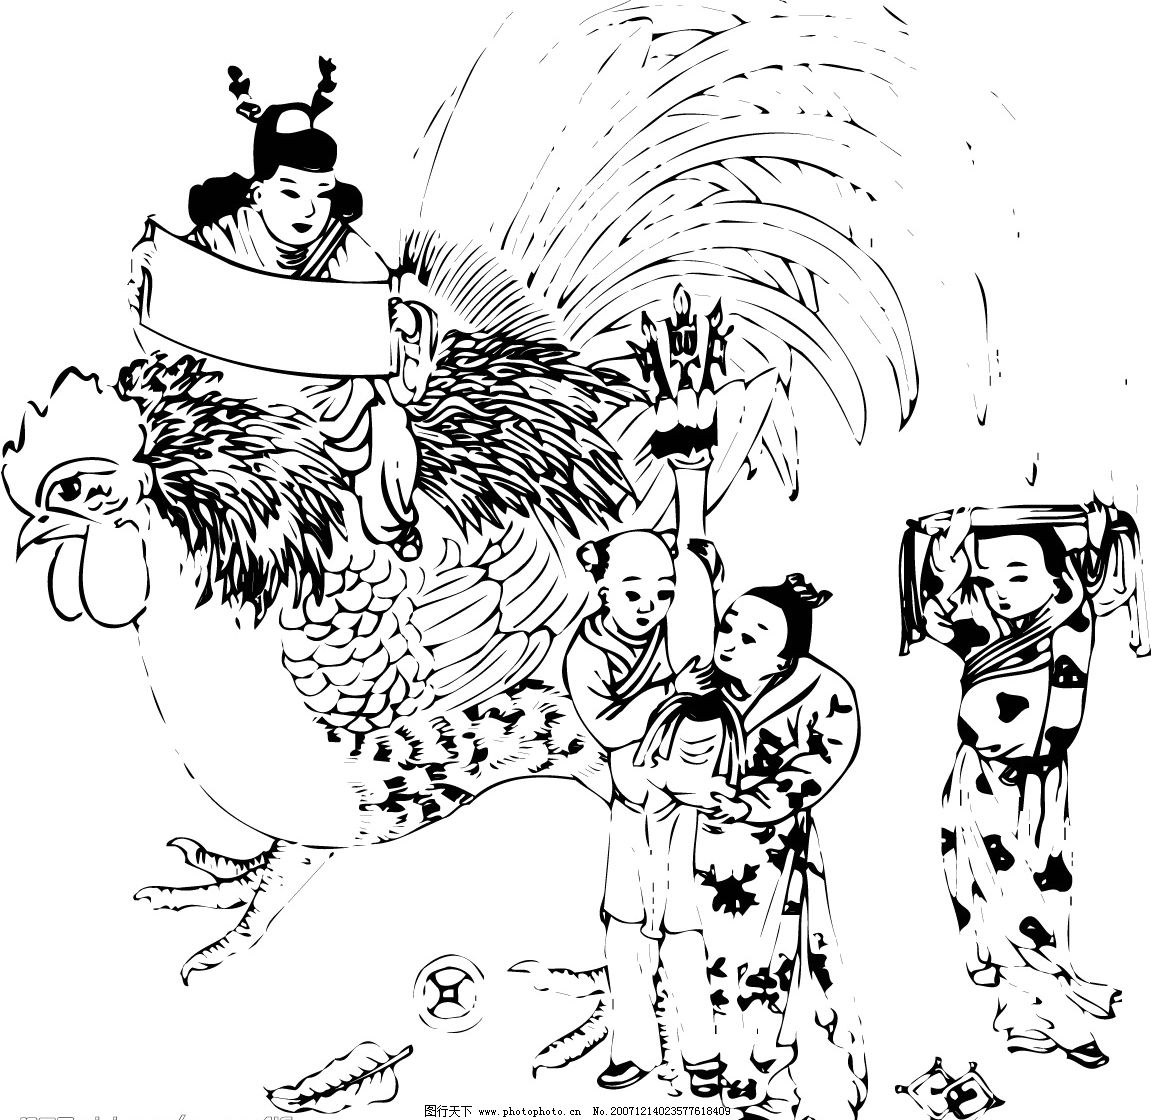 设计图库 人物图库 儿童幼儿  中国古代儿童(012) 中国古代儿童 小孩